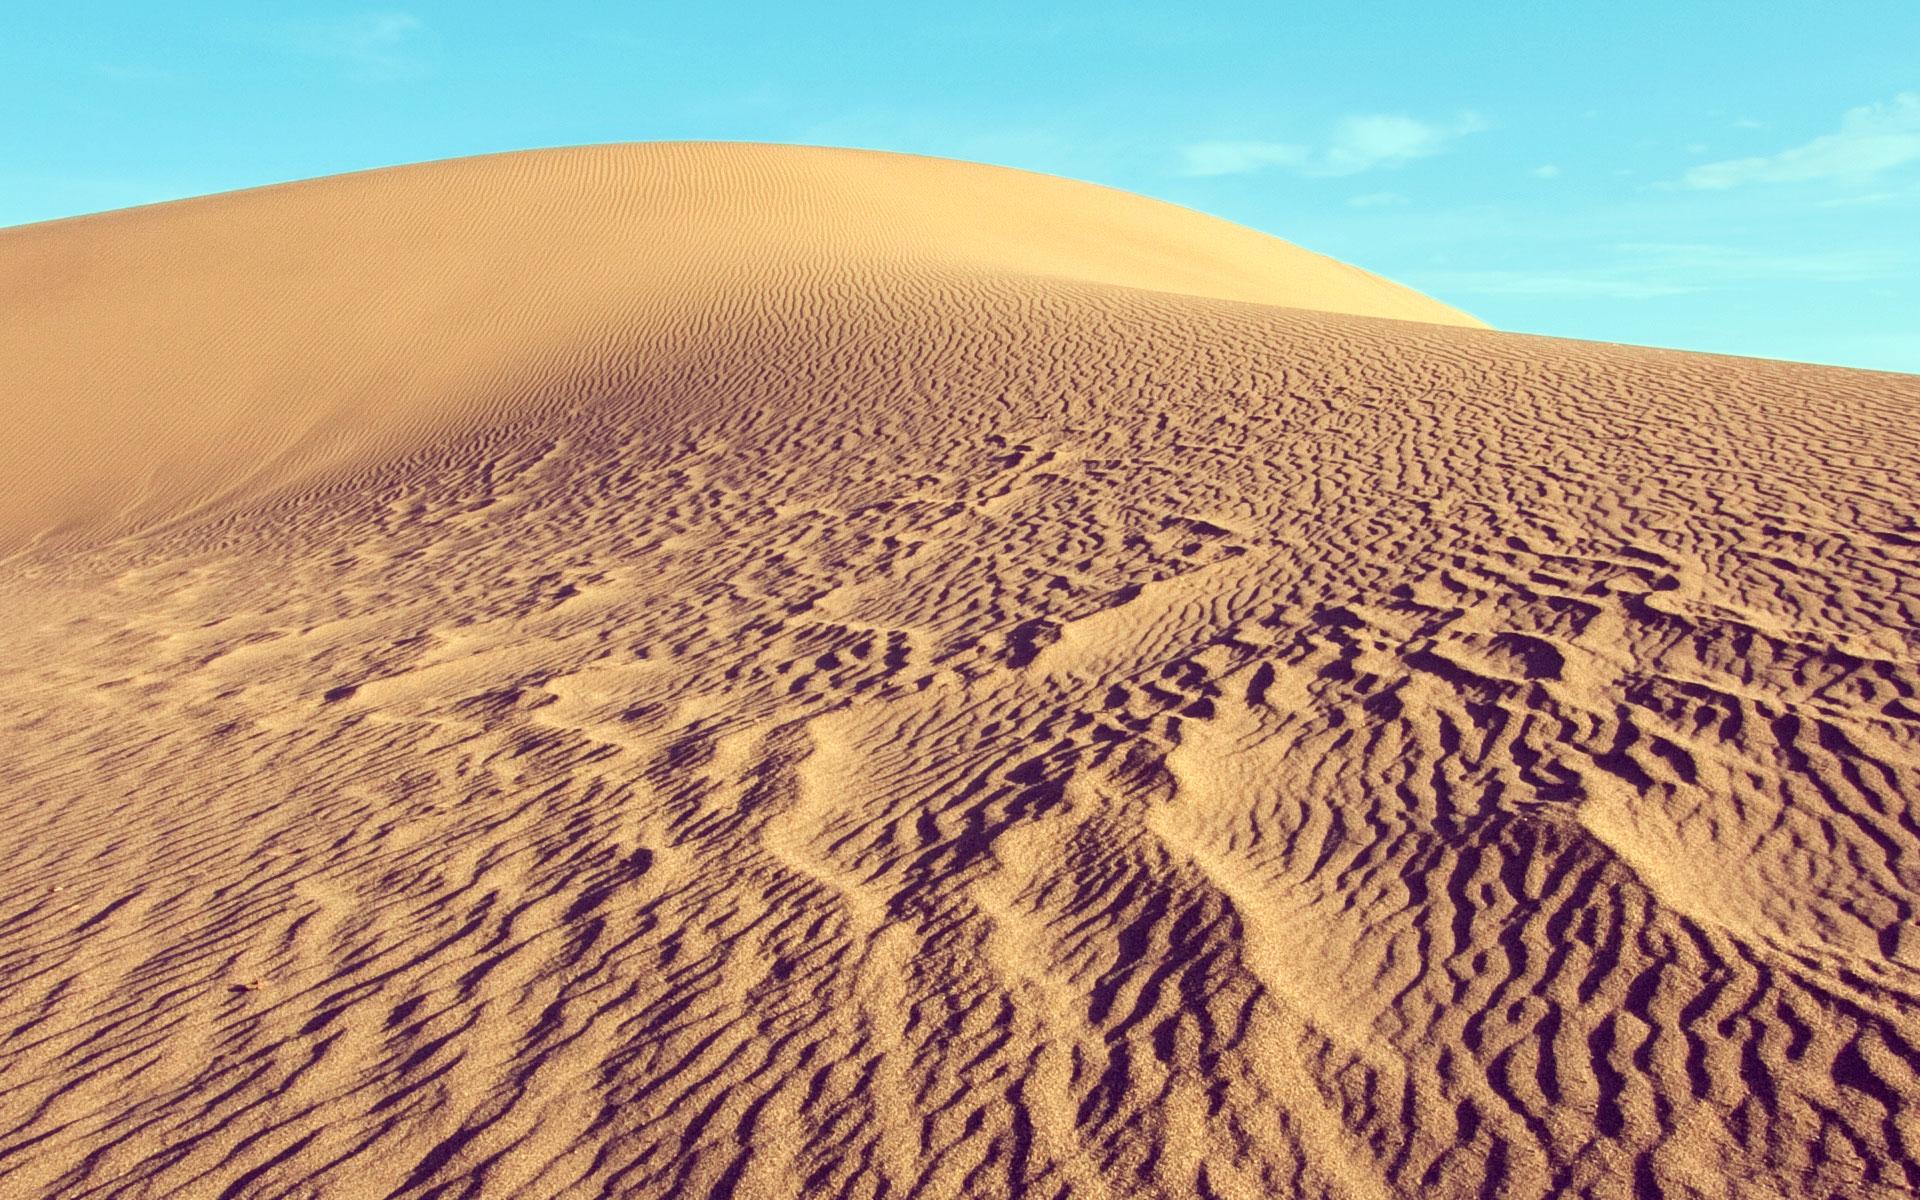 View Desert Hd Wallpaper JPG